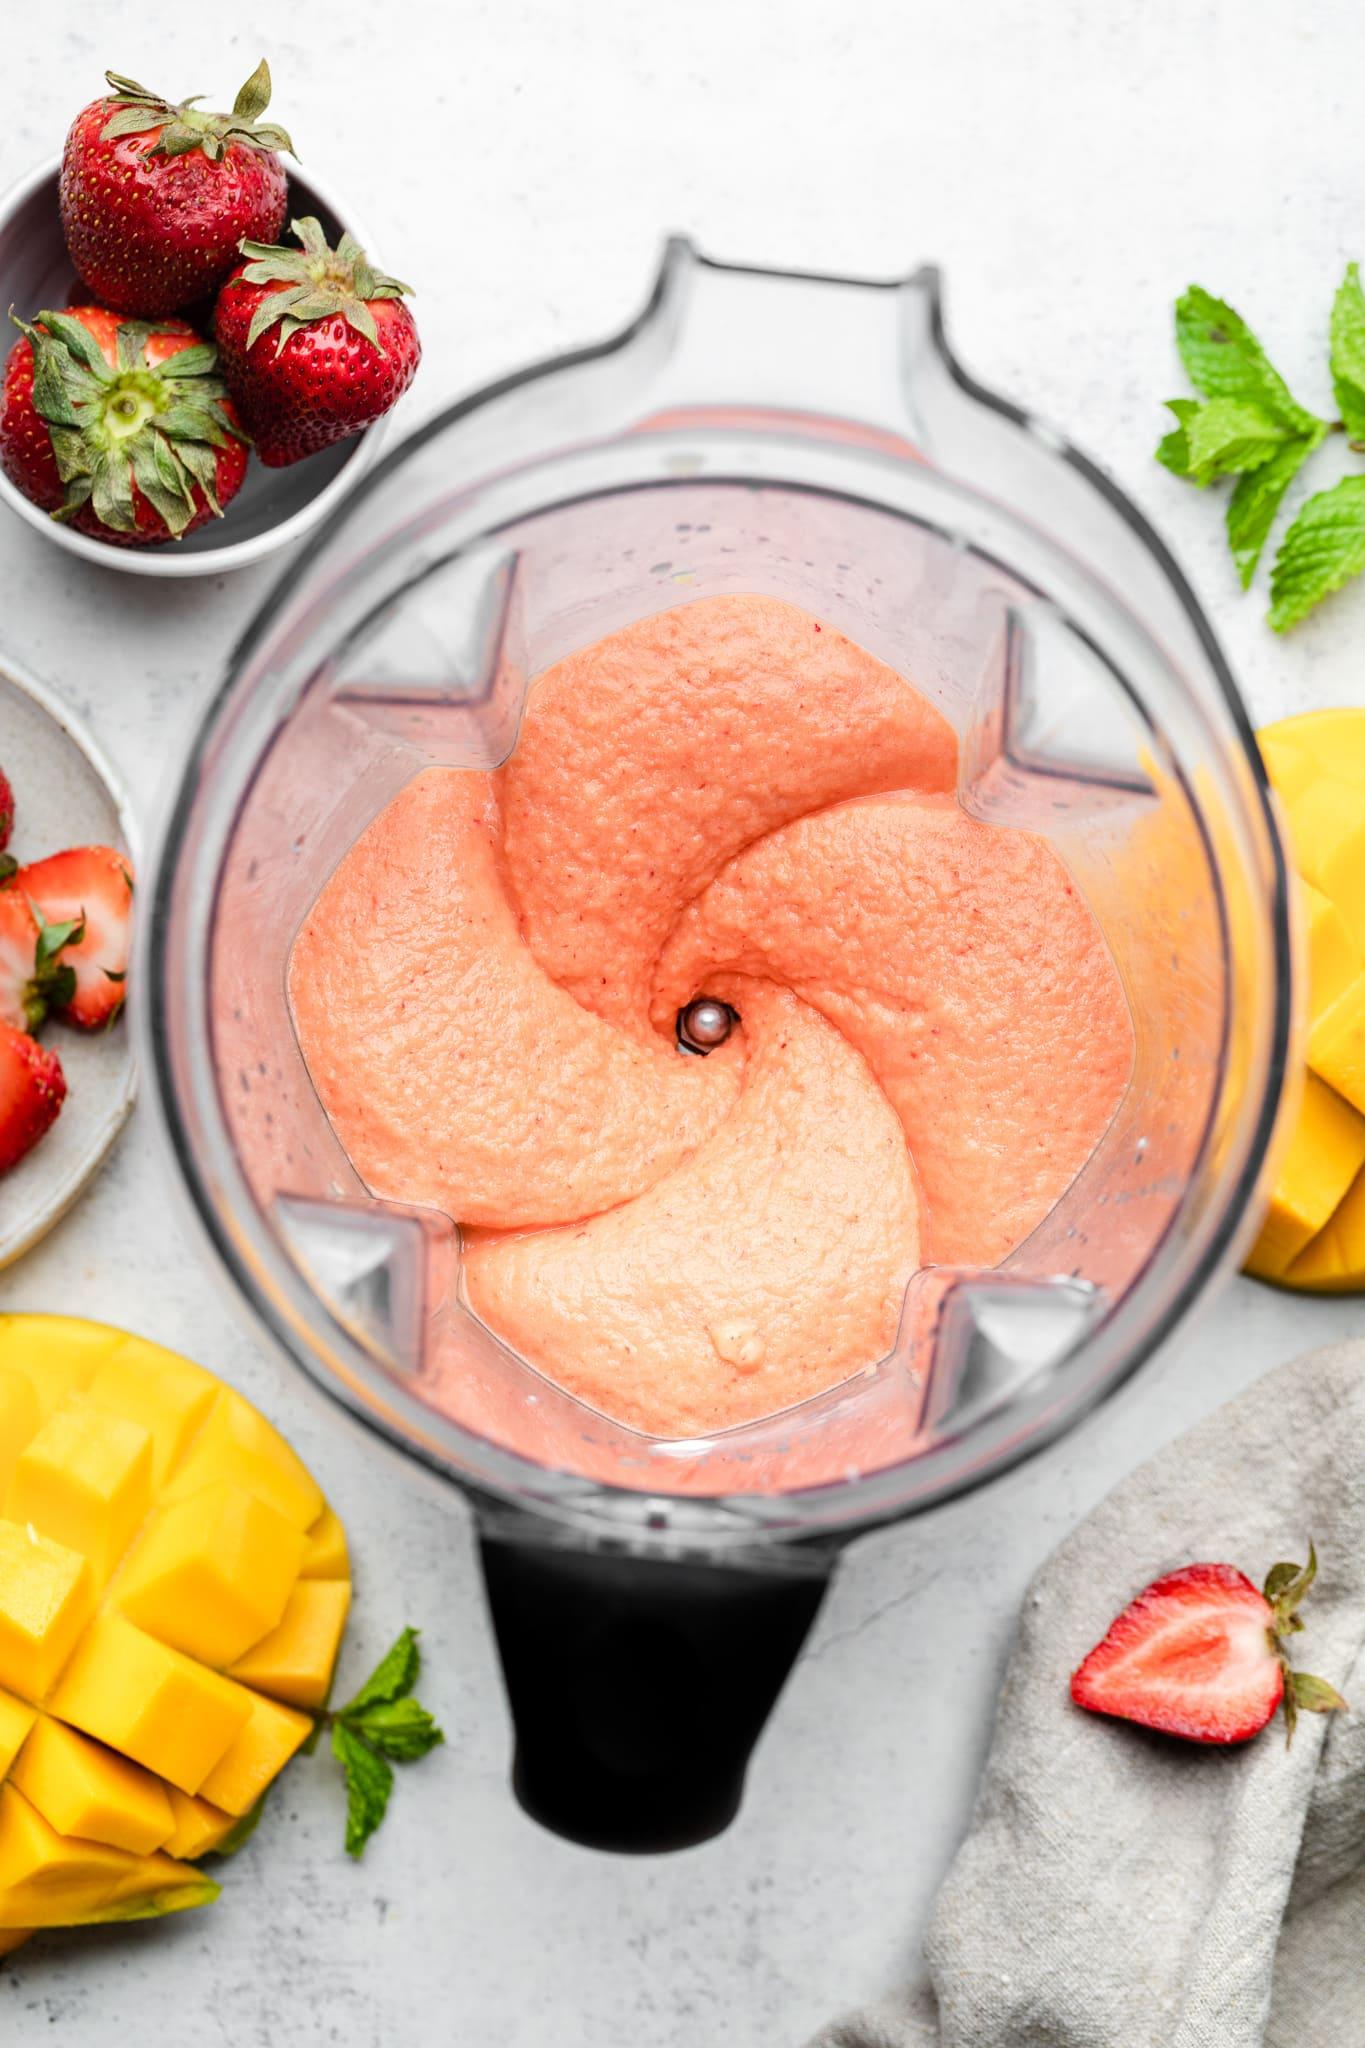 blended strawberry mango smoothie